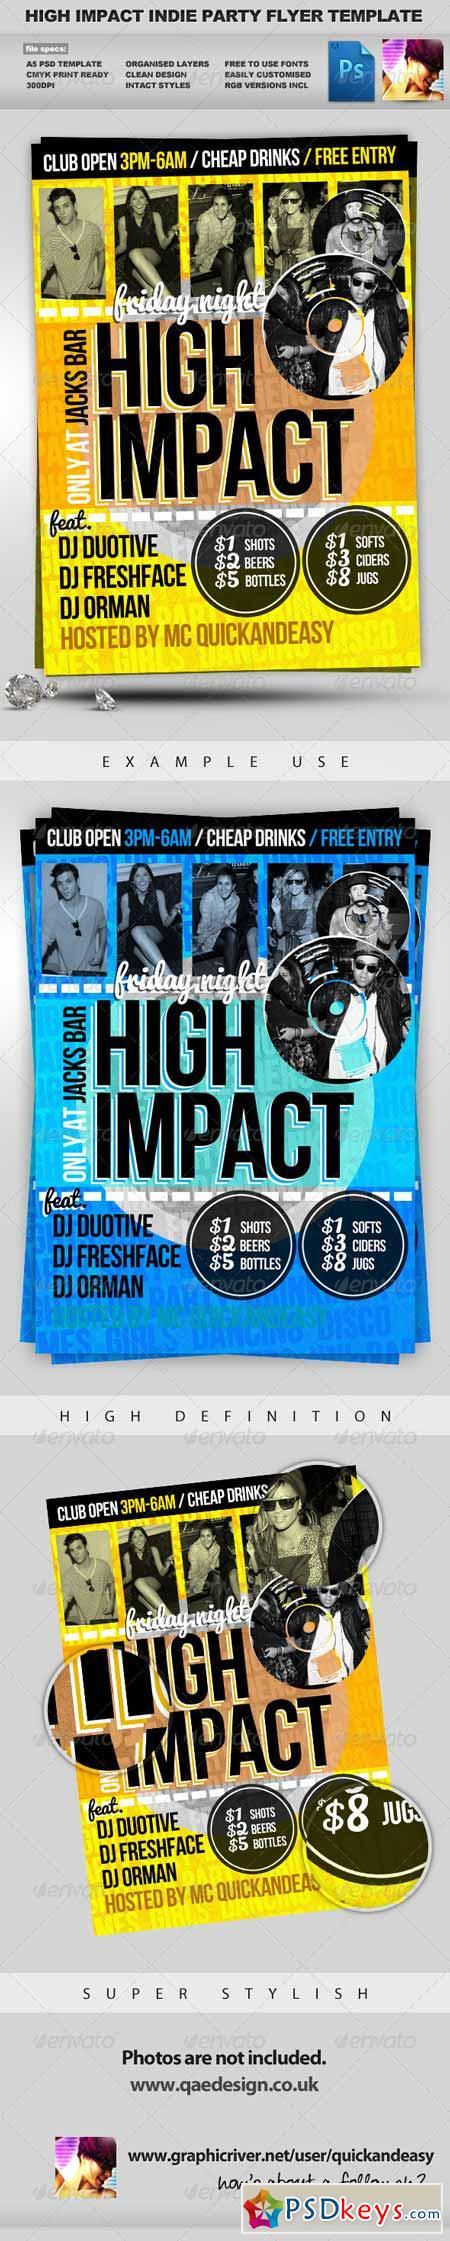 High Impact - A5 PSD Flyer Template 628416